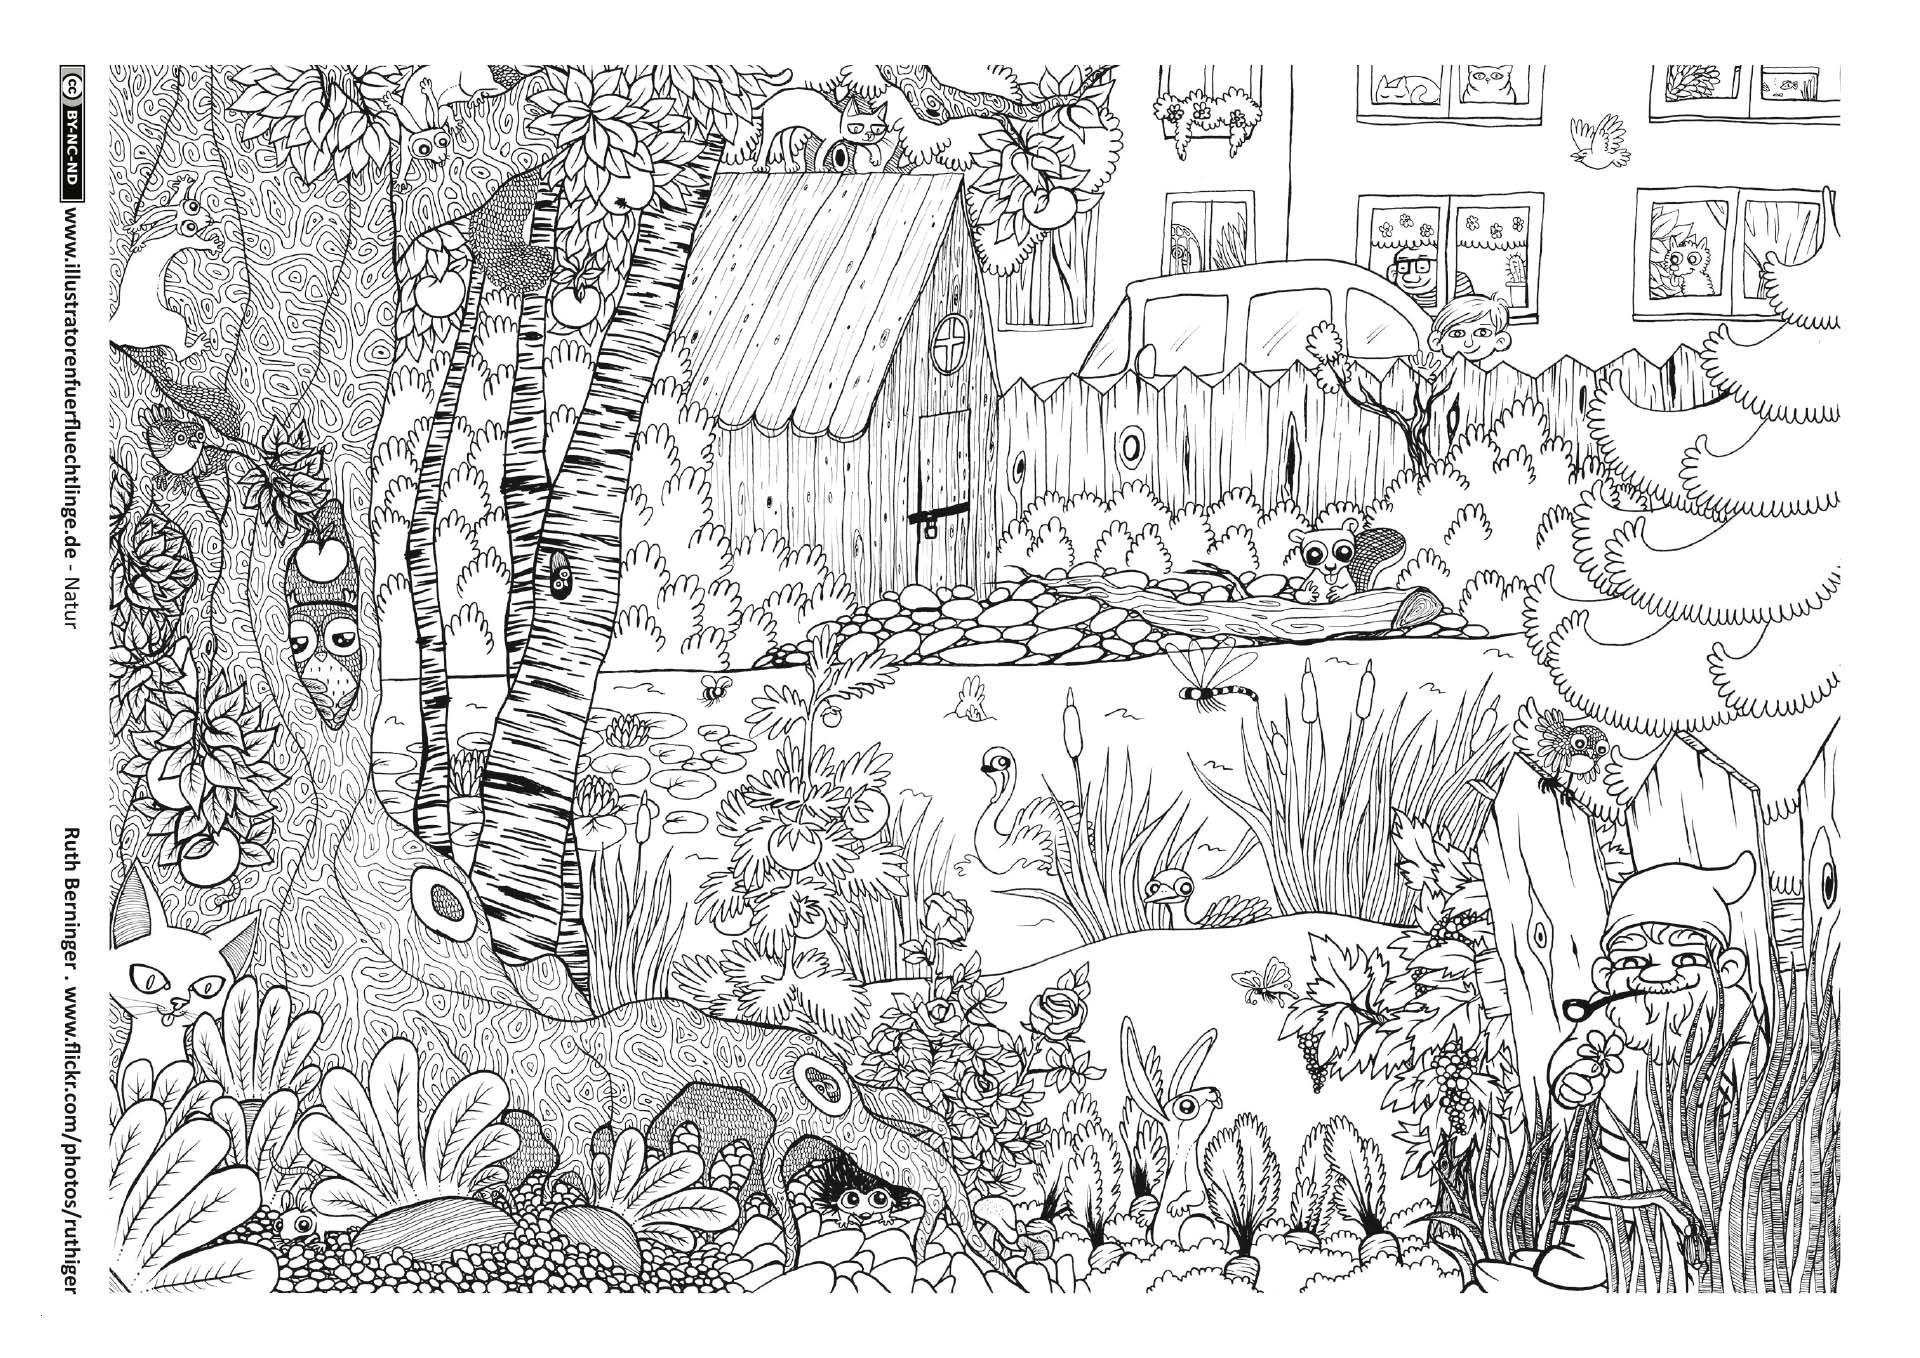 Ausmalbilder Traktor Mit Frontlader Genial Garten Tiere Wimmelbild … Schule Pinterest Neu Herbst Malvorlagen Das Bild